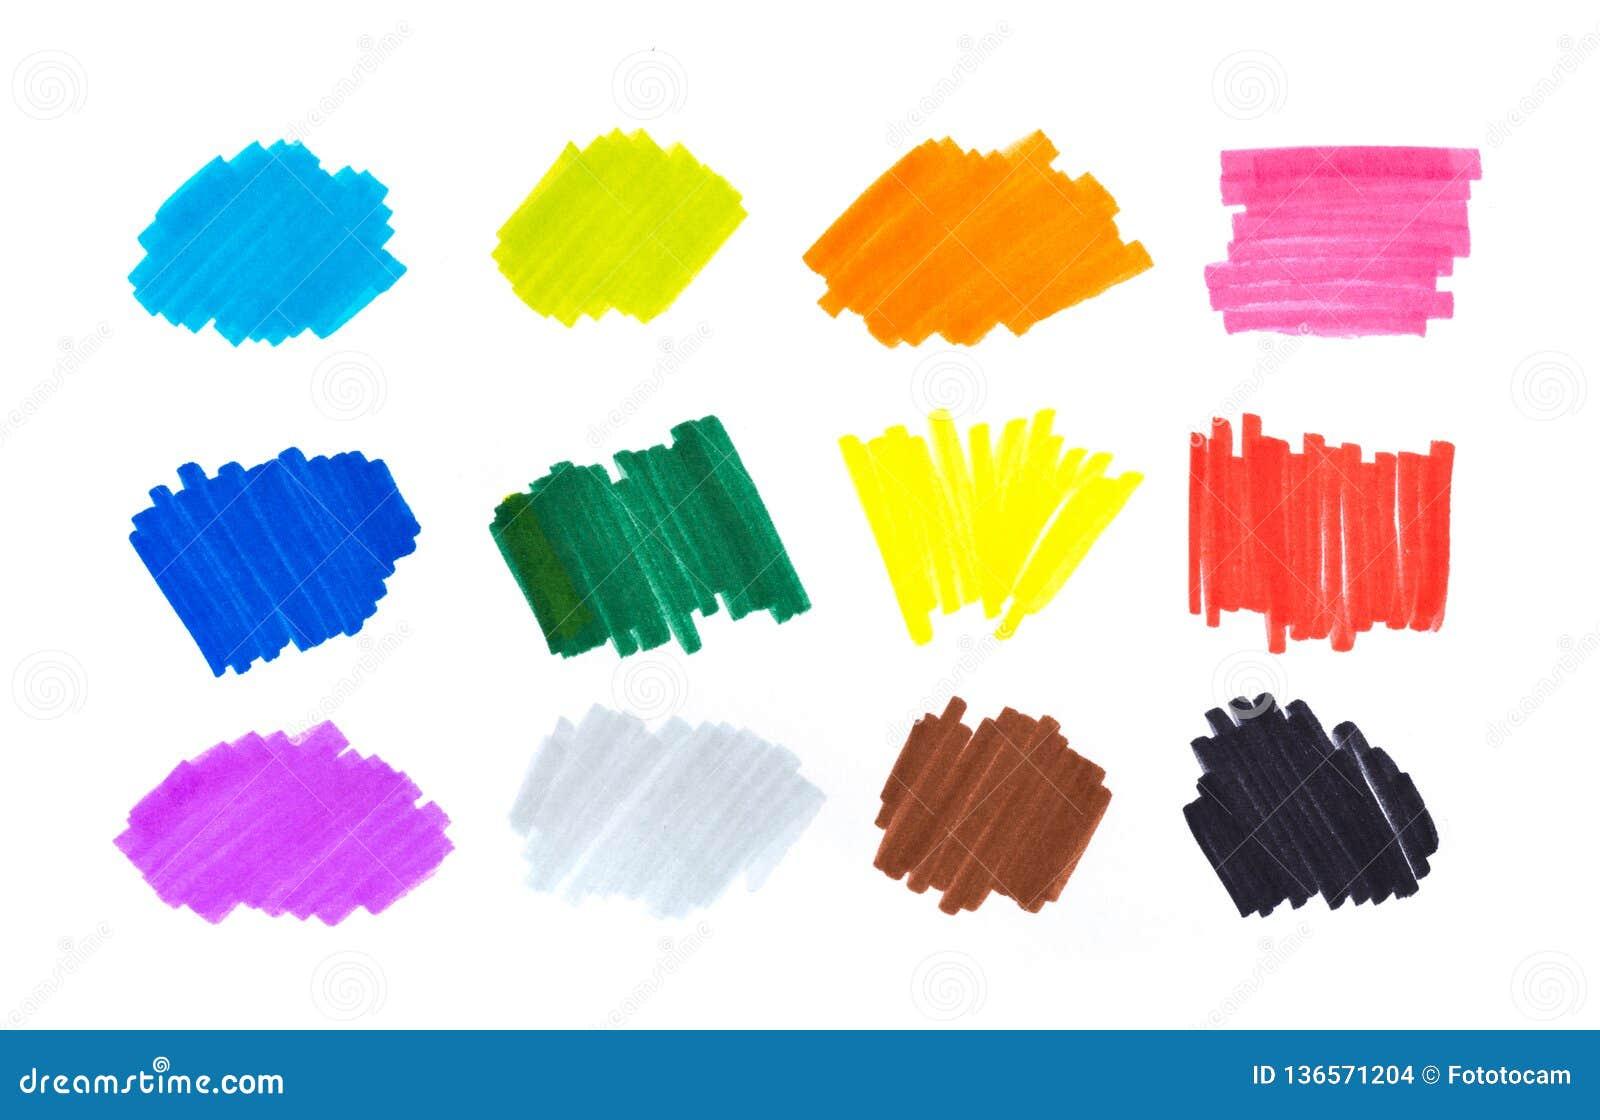 Farbhöhepunktstreifen, Fahnen gezeichnet mit Markierungen Stilvolle Höhepunktelemente für Design Höhepunktmarkierungsanschlag, St